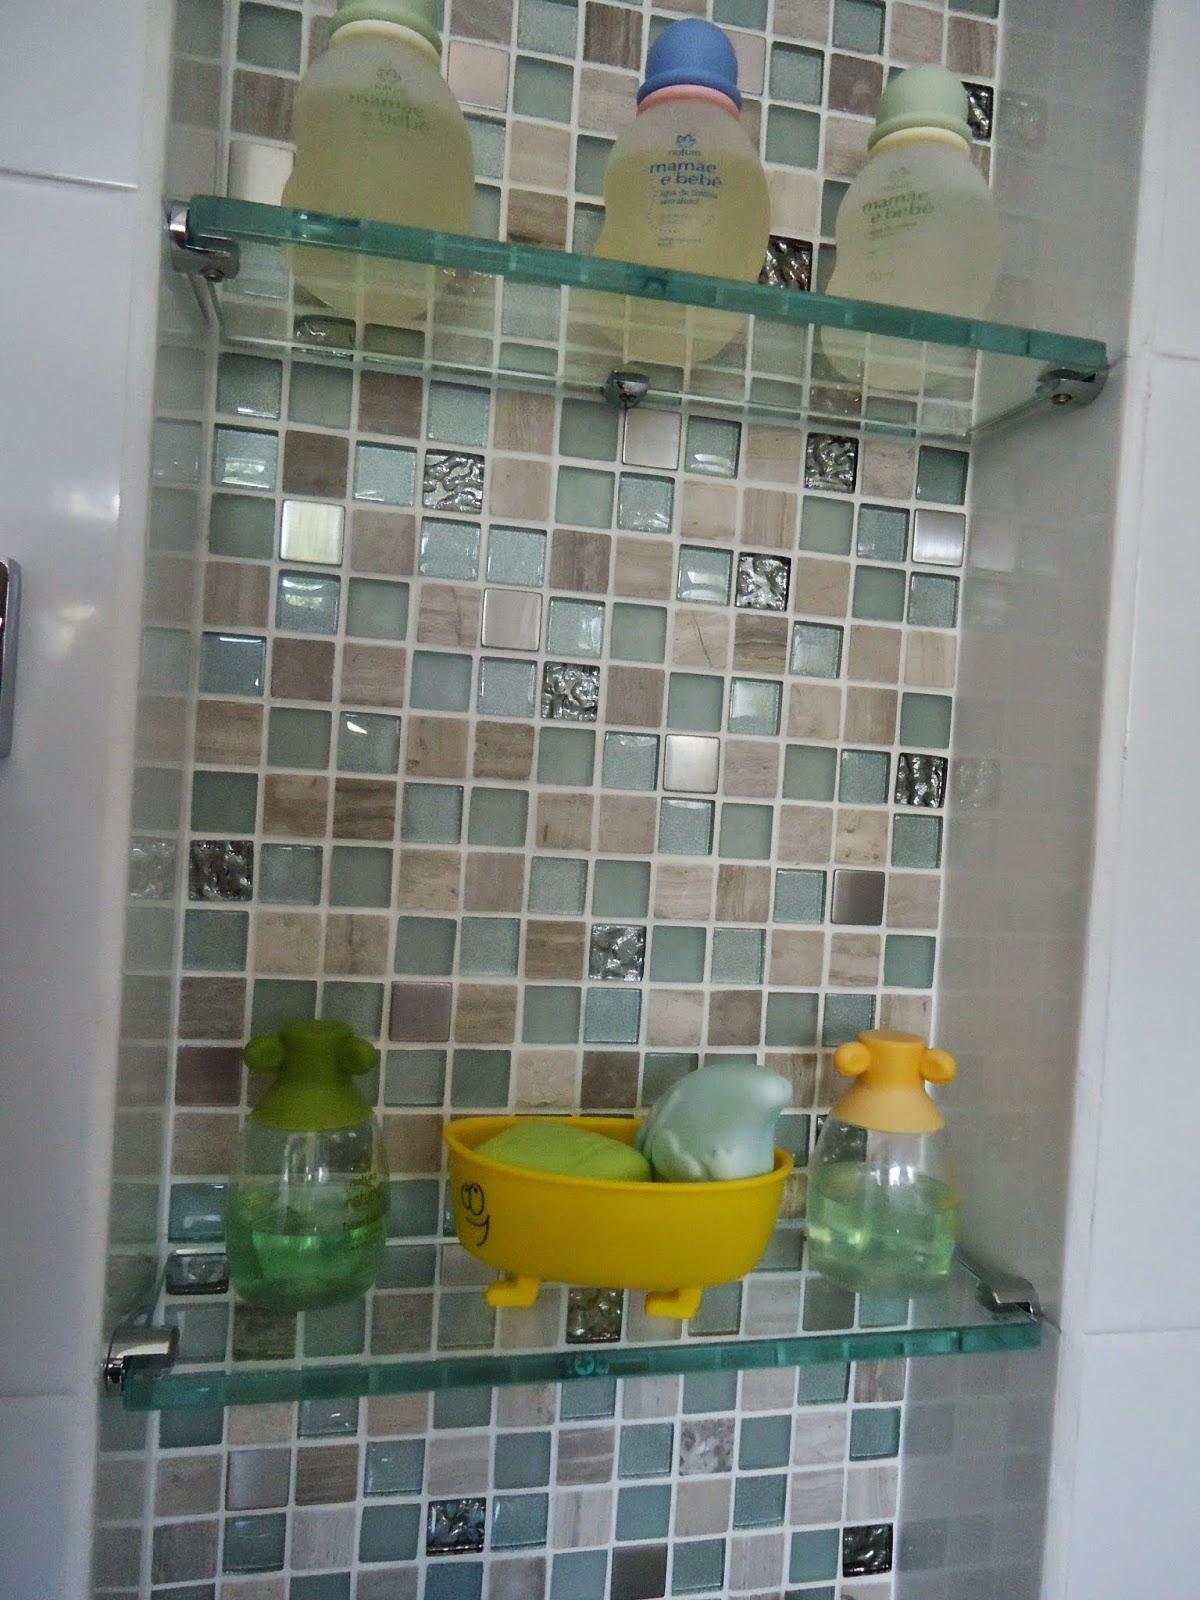 Nichos e pastilhas de vidro em banheiro infantil #766D33 1200x1600 Banheiro Com Pastilhas E Nichos